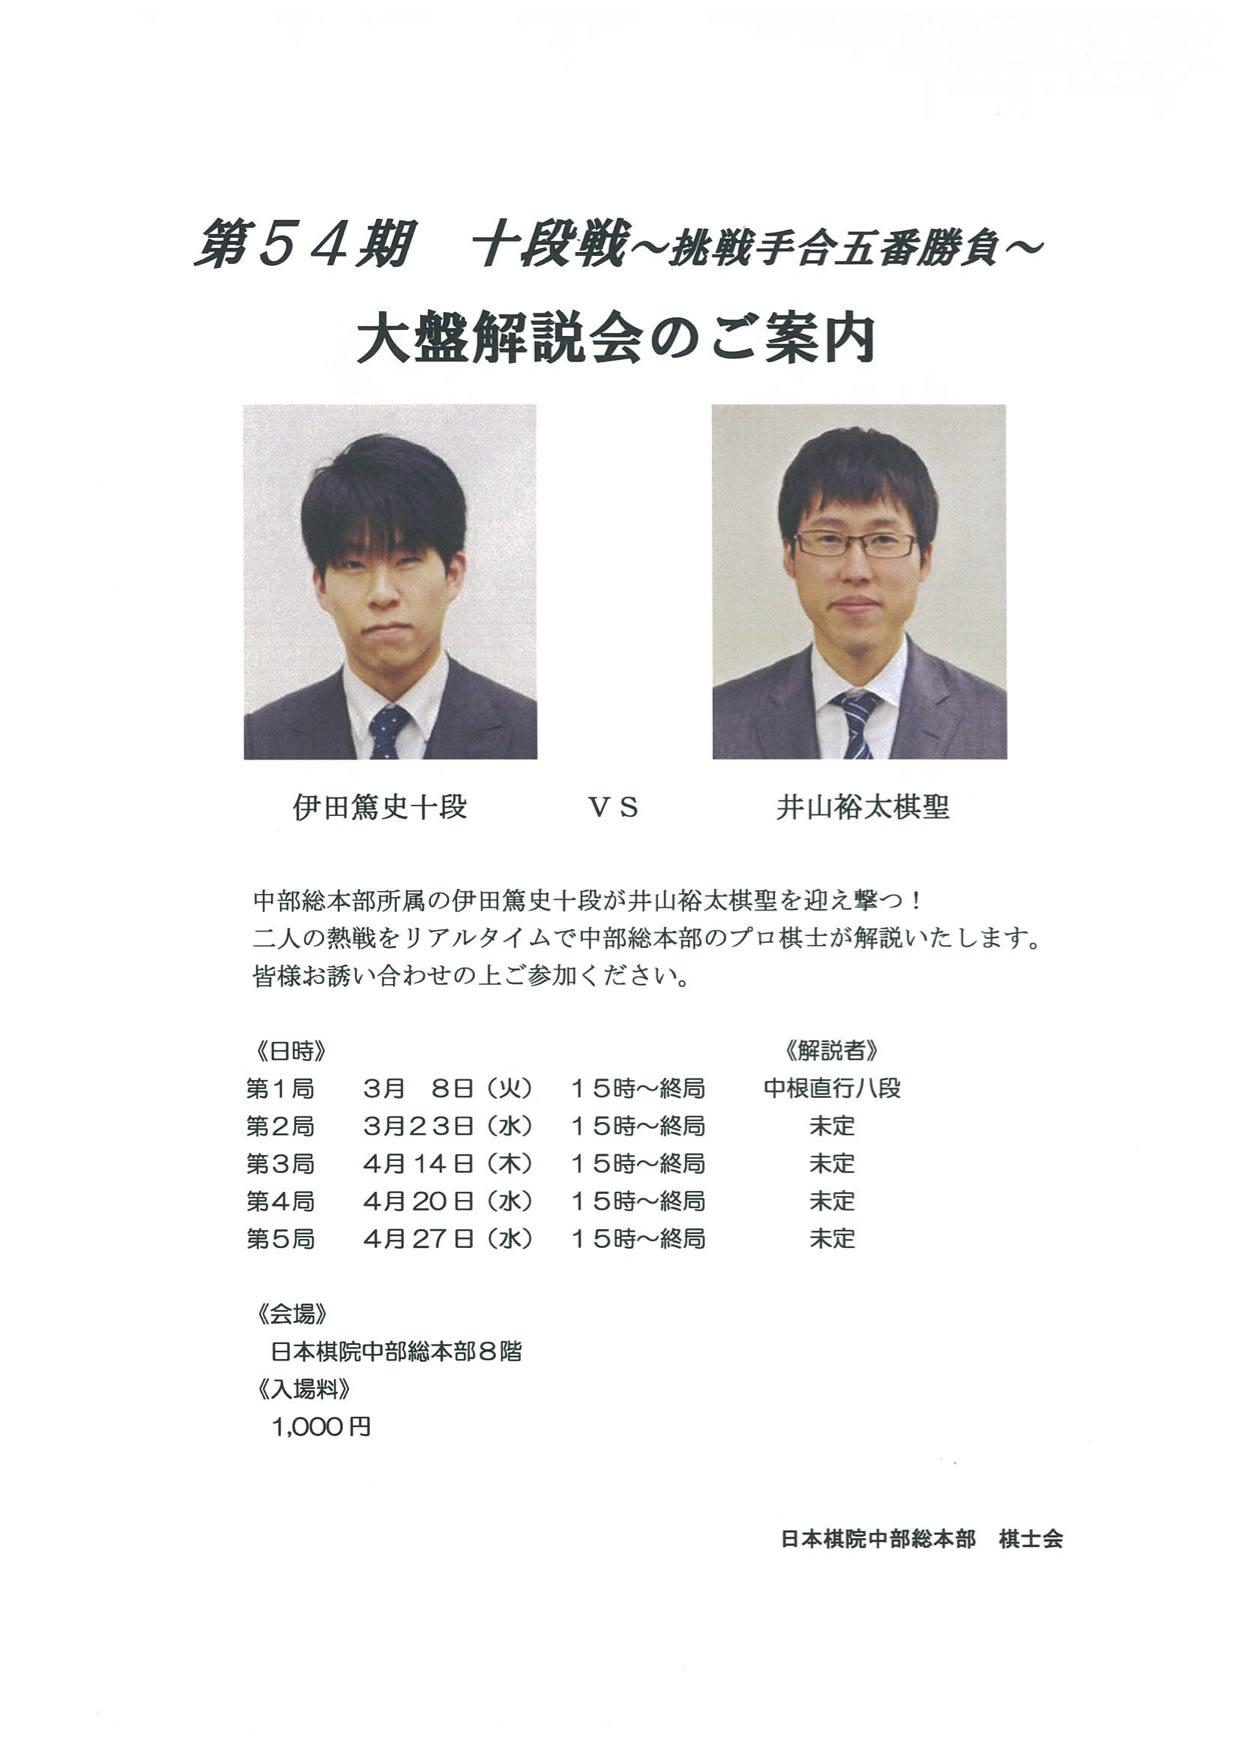 十段戦解説会 - 名古屋棋士会